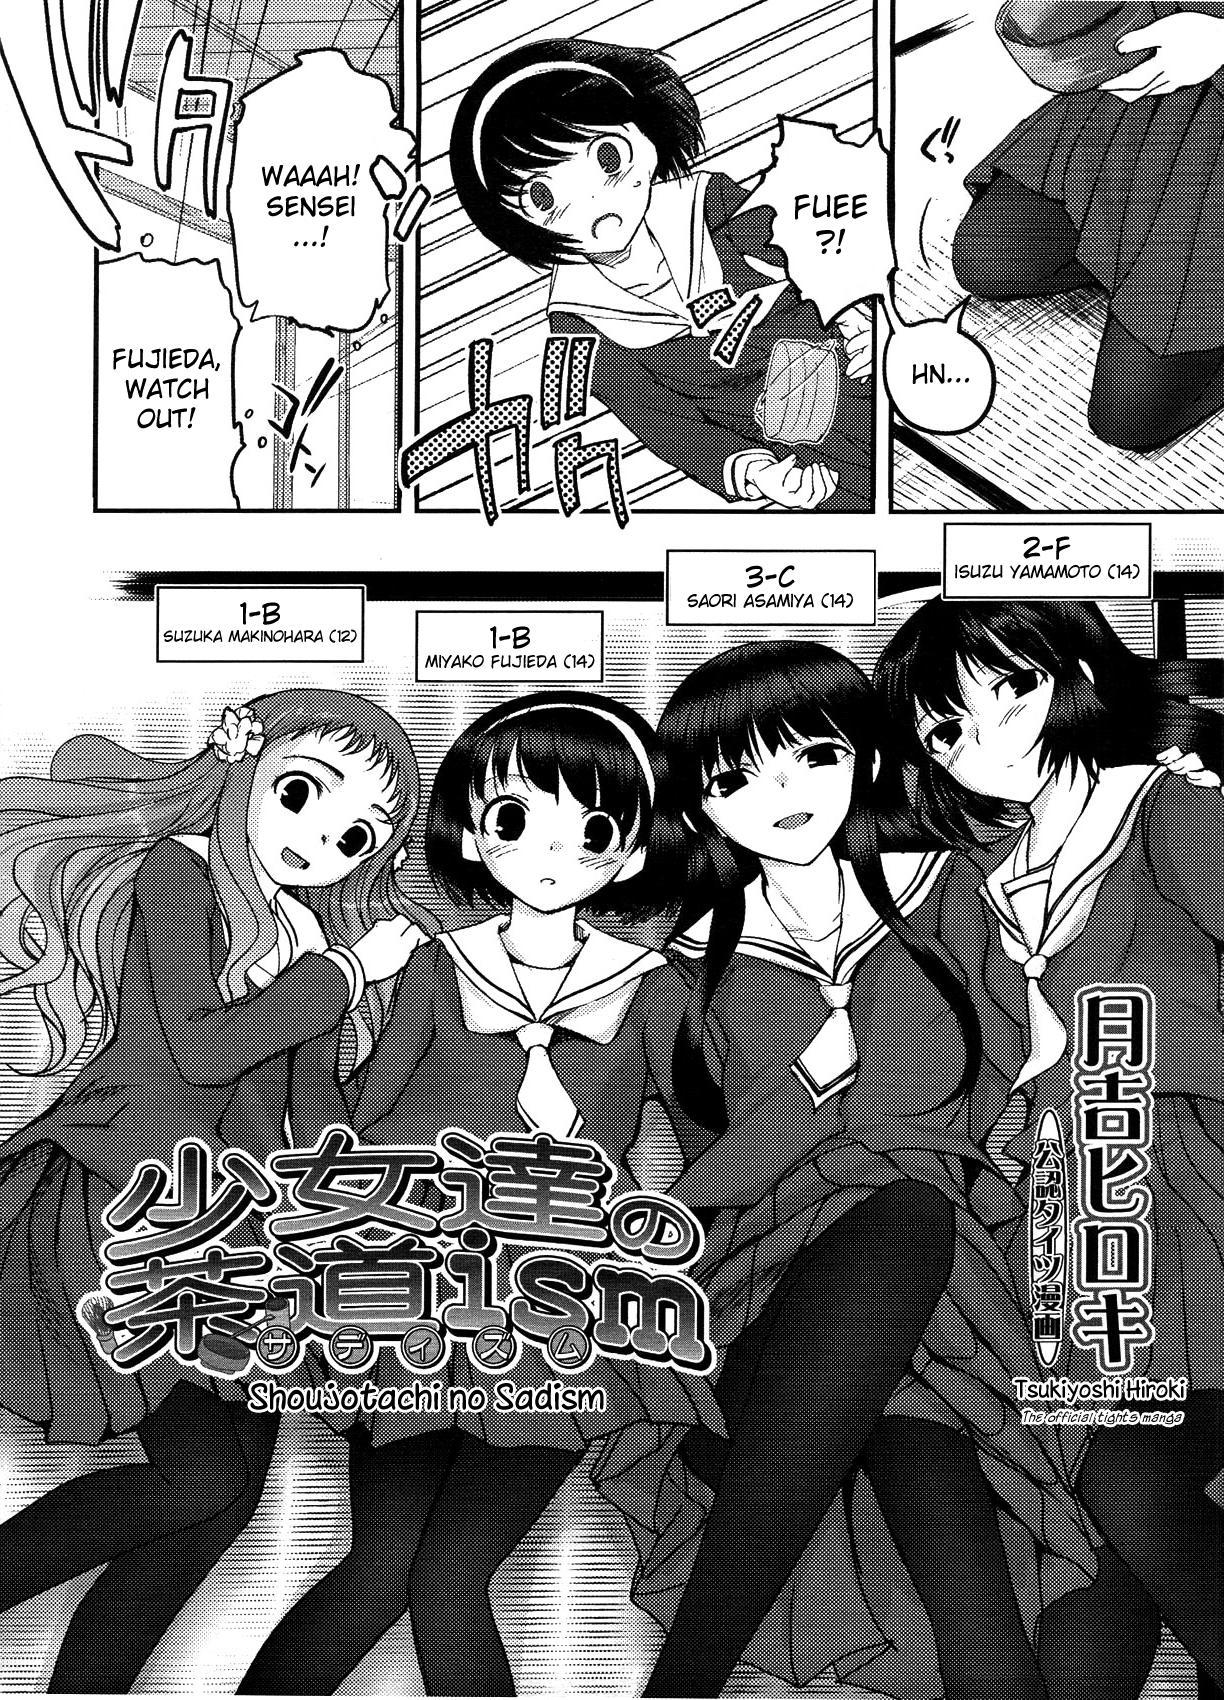 Shoujotachi no Sadism 1-5 1